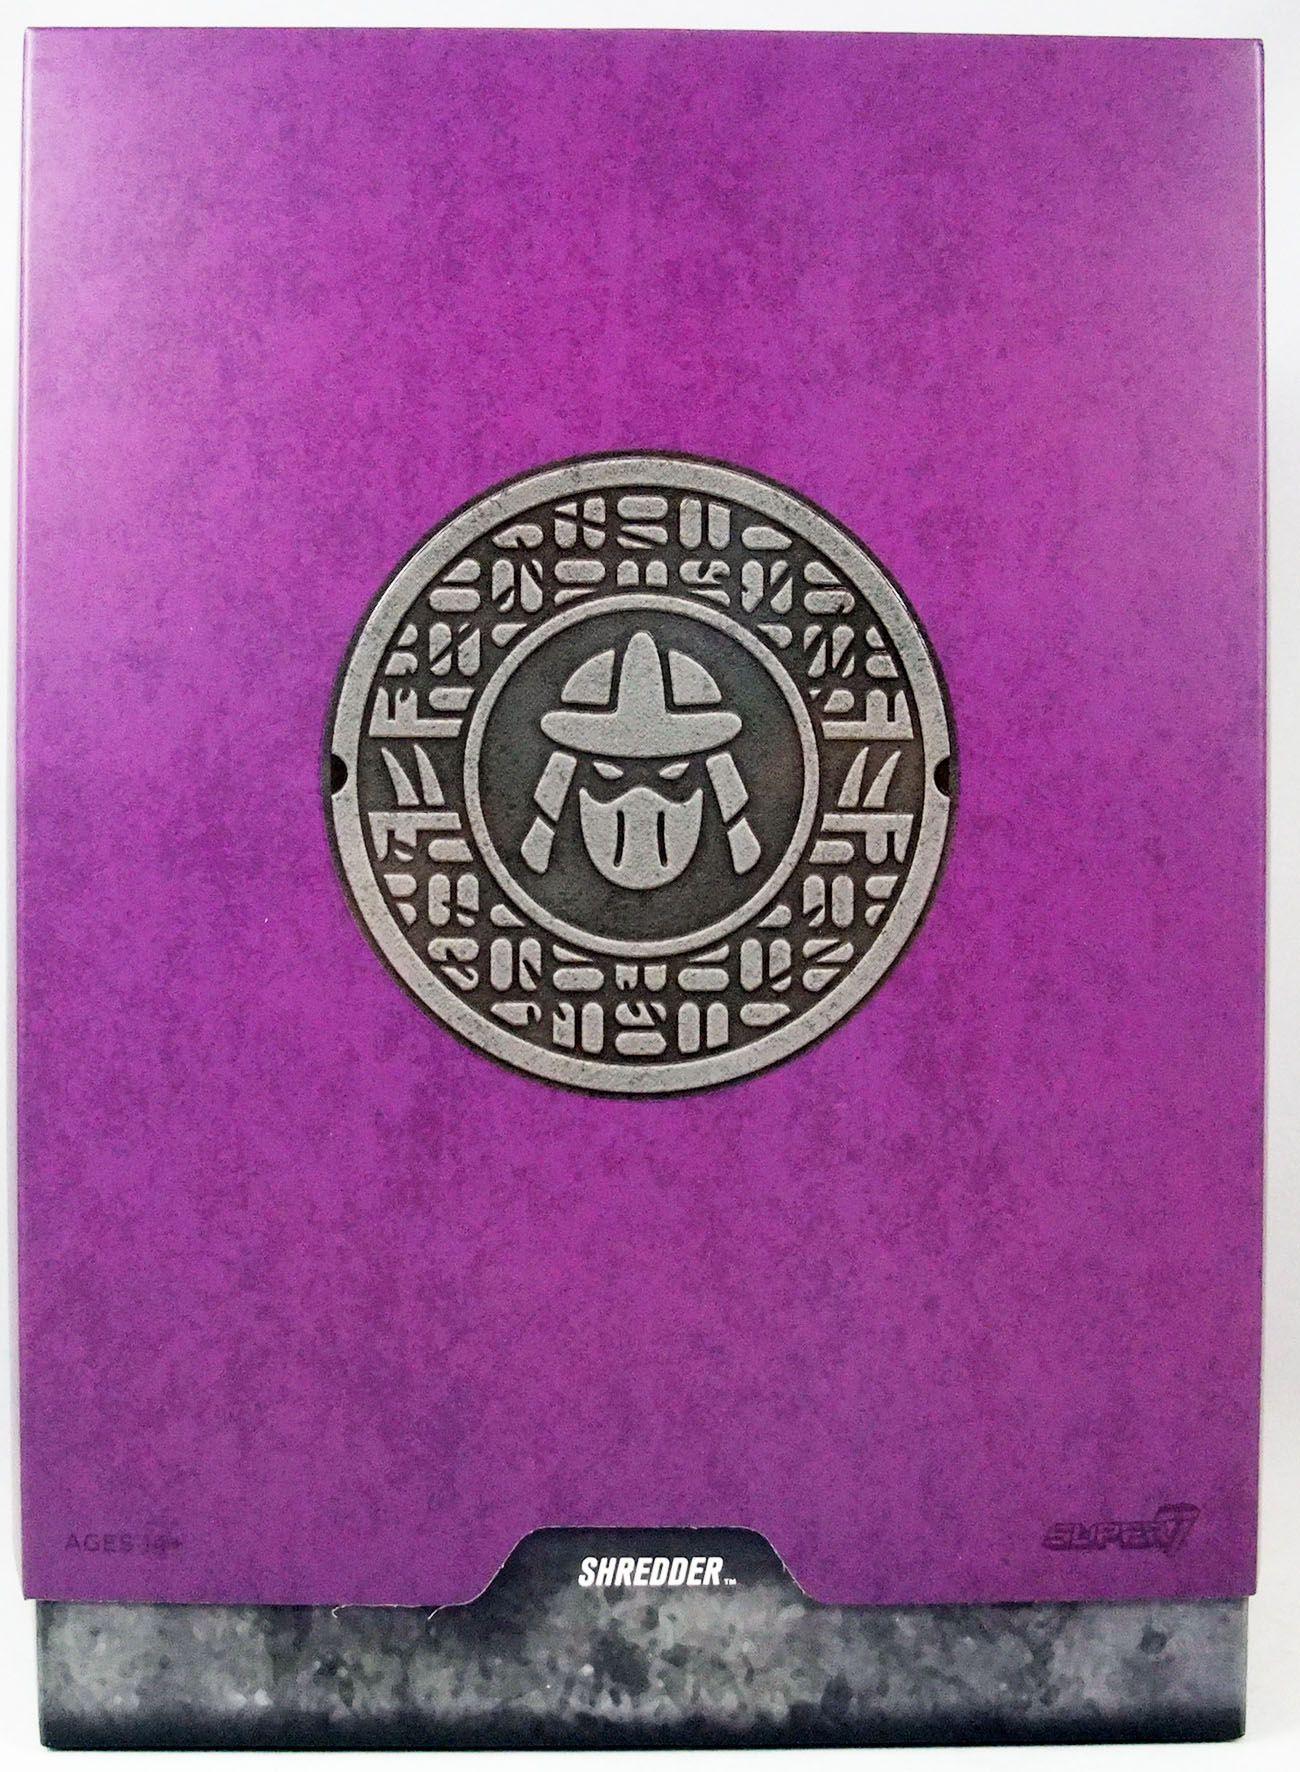 Teenage Mutant Ninja Turtles - Super7 Ultimates Figures - Shredder